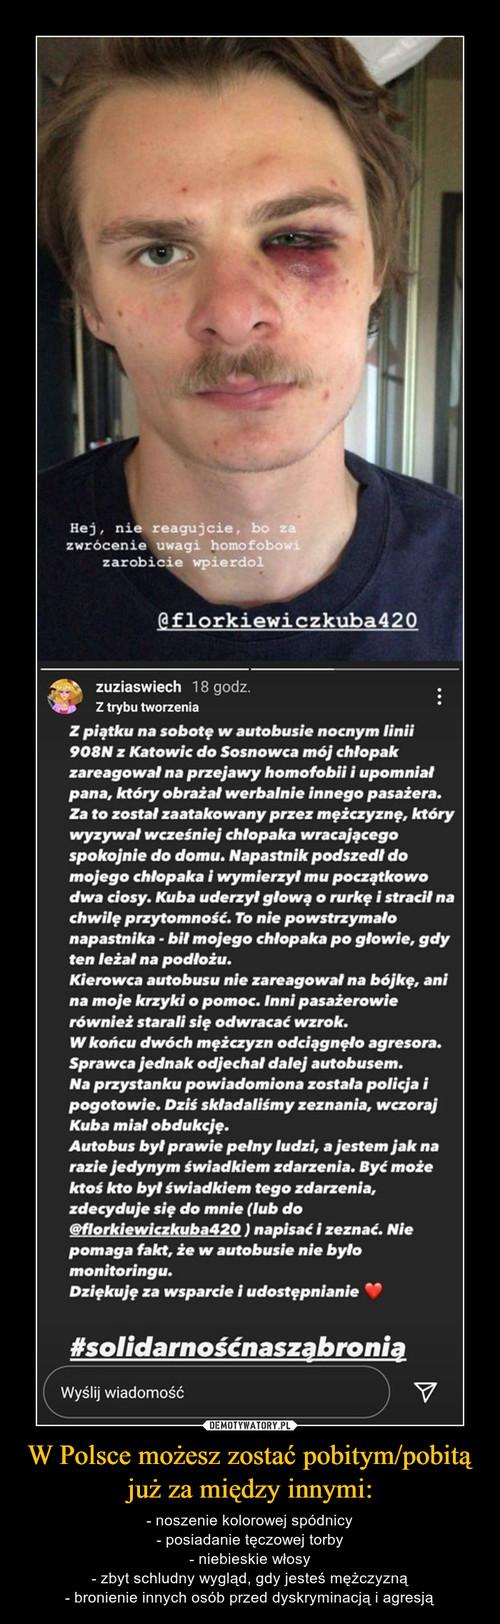 W Polsce możesz zostać pobitym/pobitą już za między innymi: